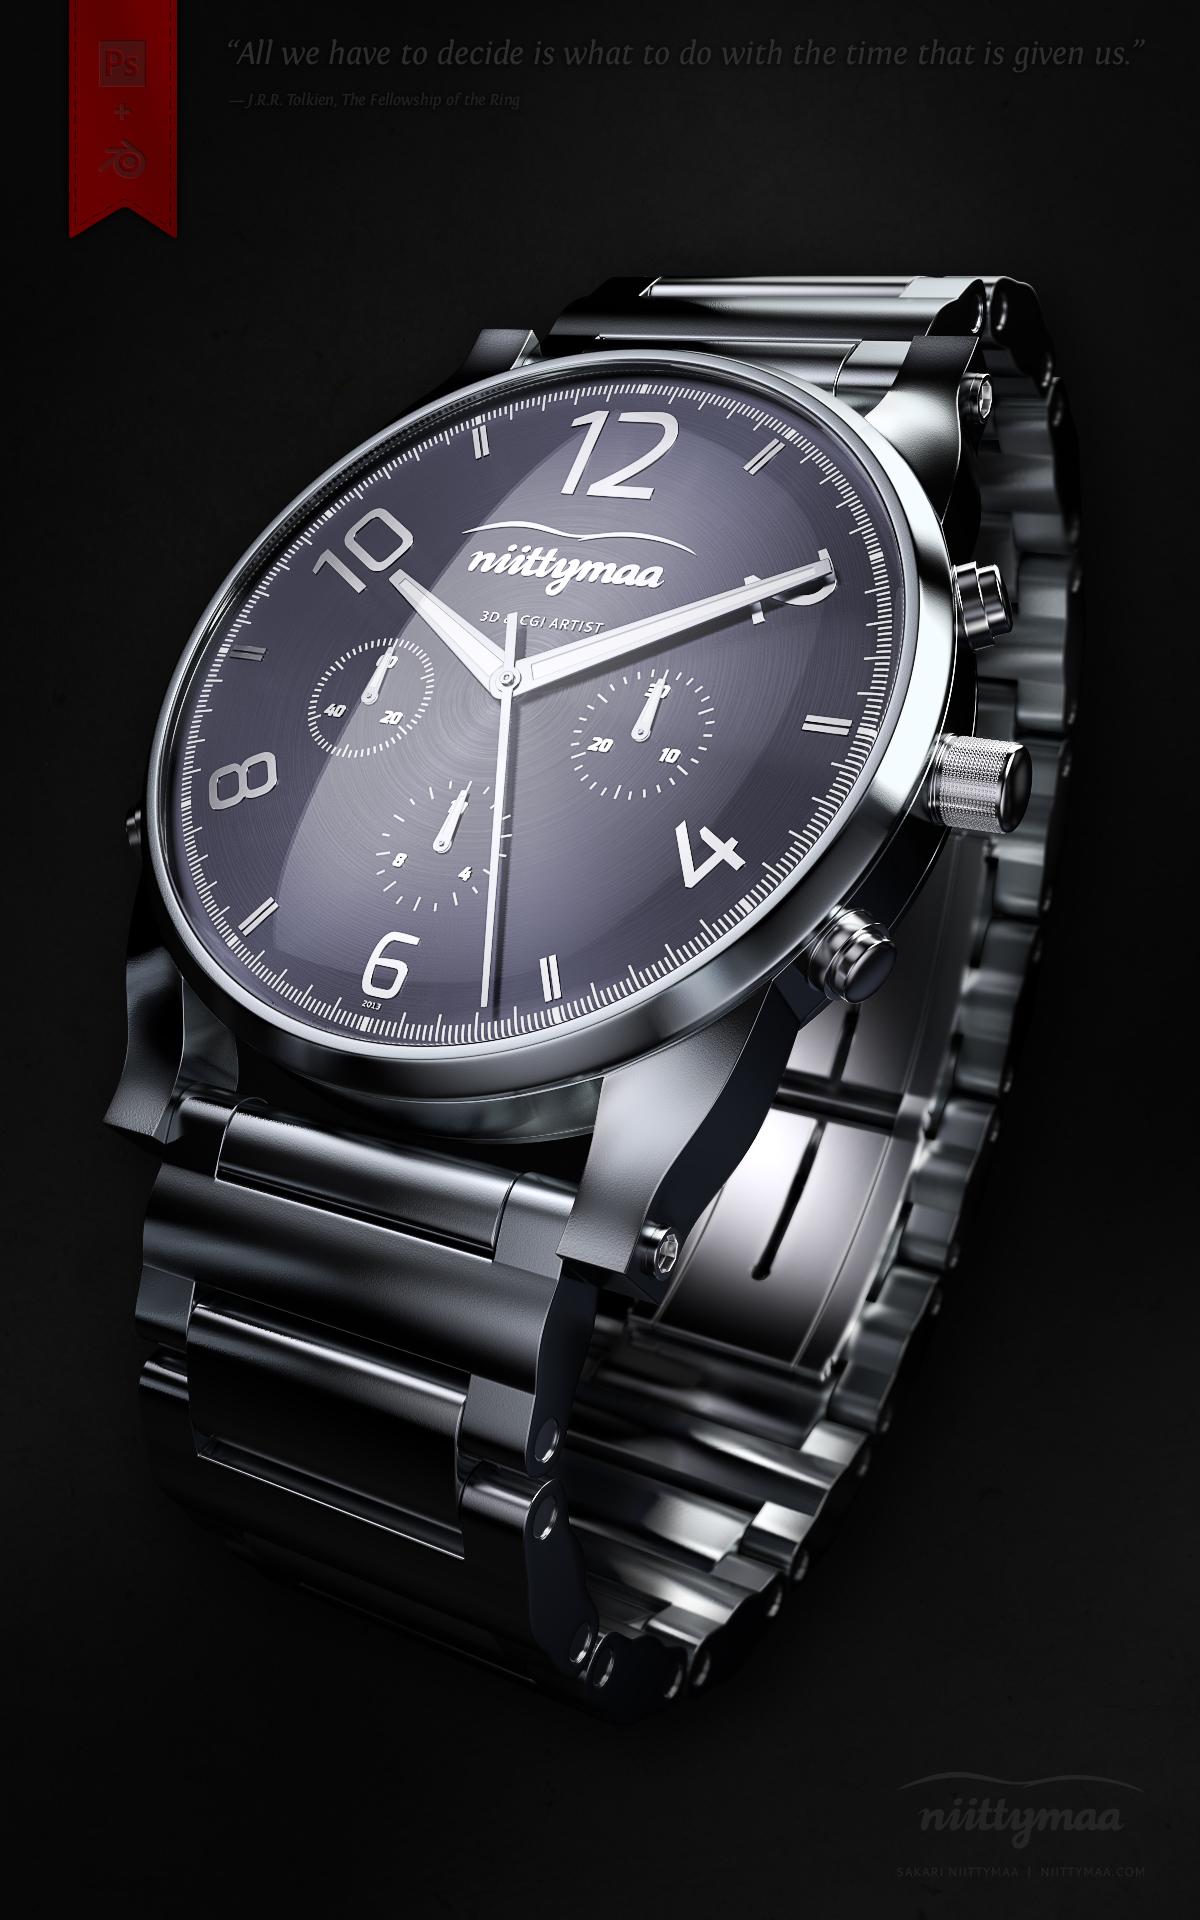 Wristwatch_Final_01